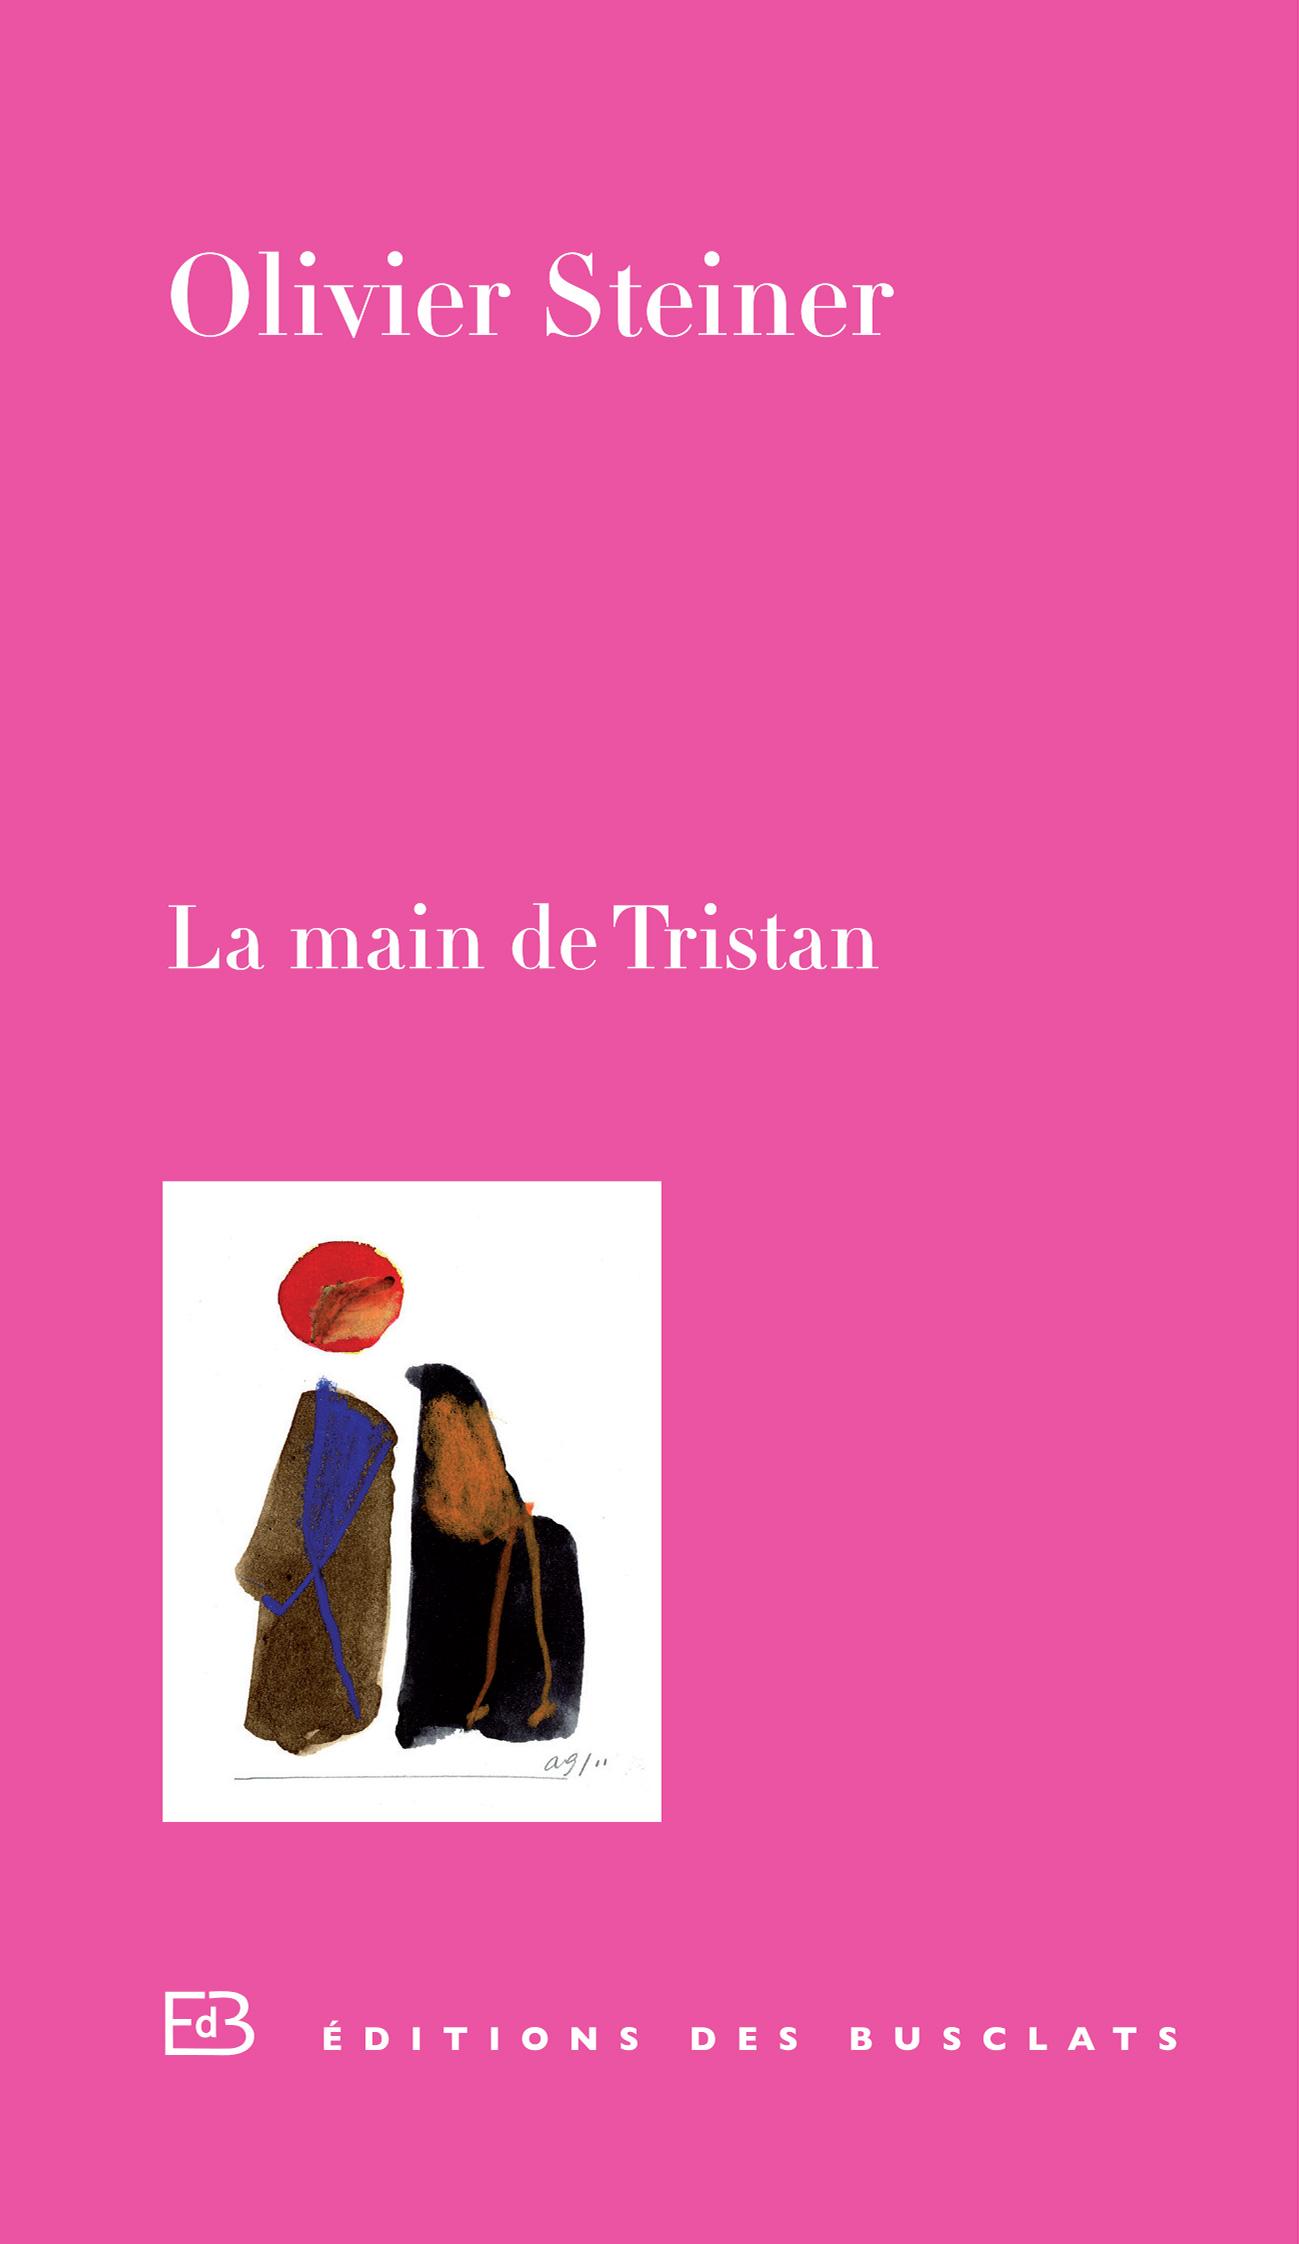 La main de Tristan